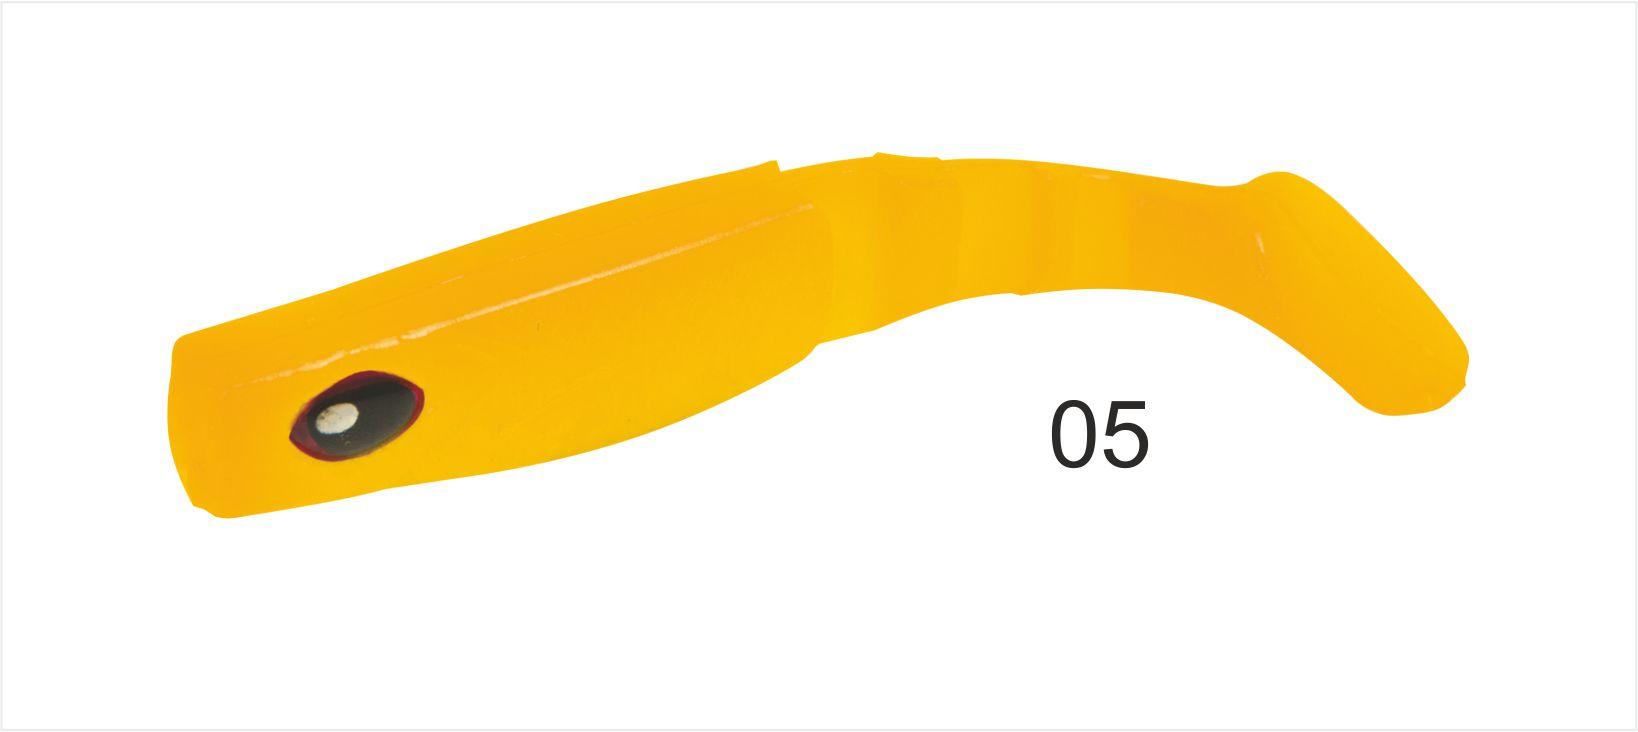 Mistrall gumová nástraha Dominátor 6,5 cm Možnost 05